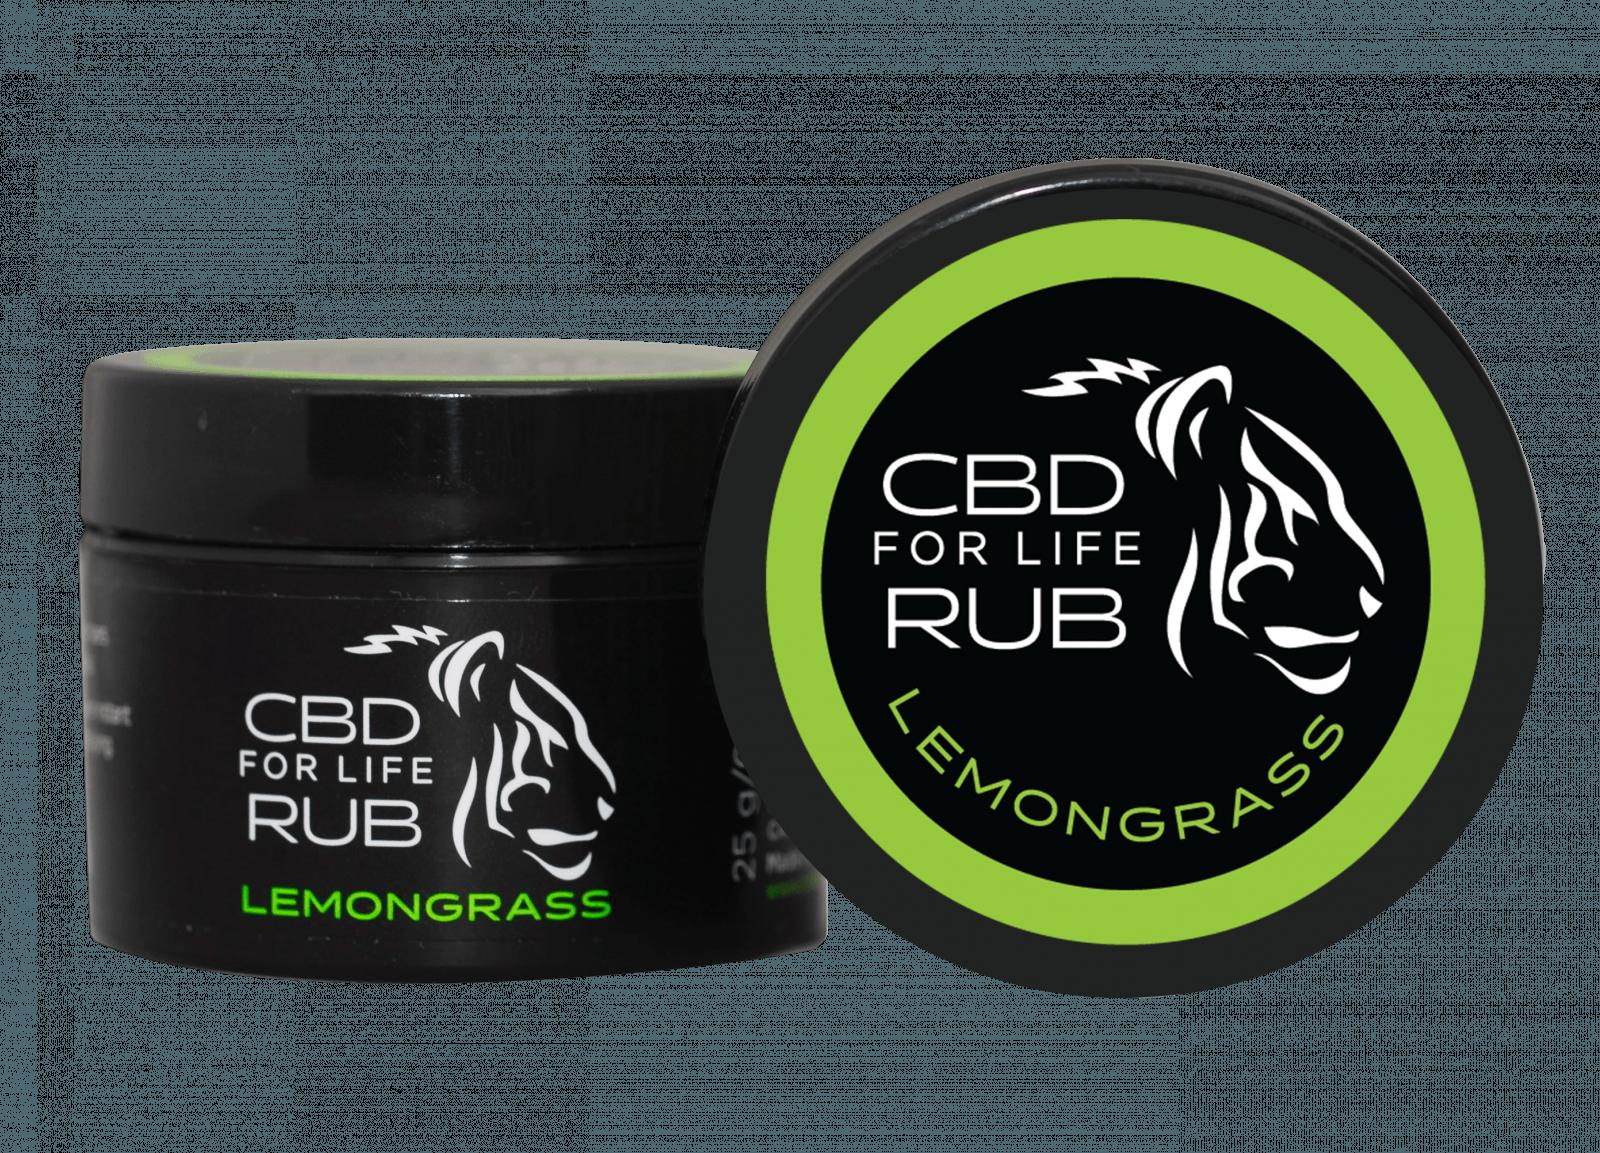 CBD For Life Rub Lemongrass